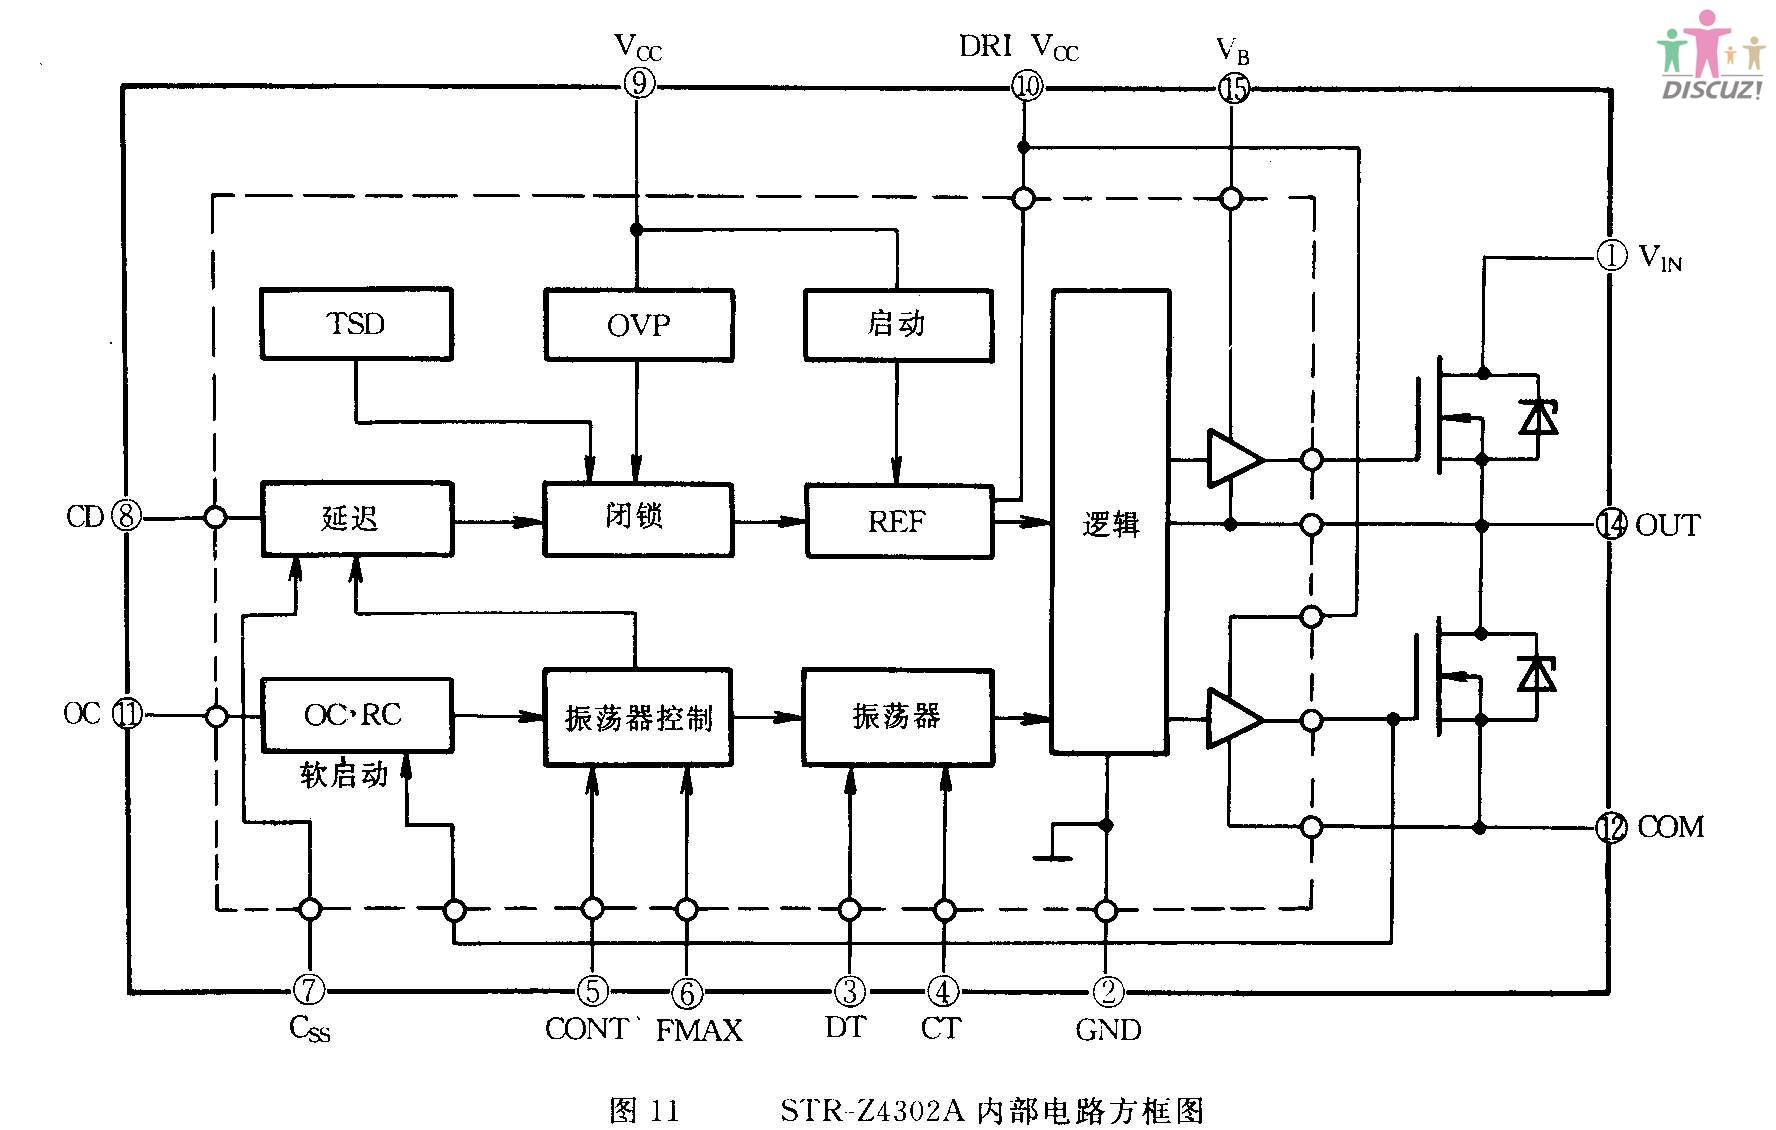 (164.22 KB)  --------------------------------- 老兄,这个电源不好改的,4302用的是双开关管,次极整流也是双二极管,改成单的怕功率不够吧. --------------------------------- 海信TC3400D采用的是它激励串联谐振式开关电源,开关变压器初级绕组相当于谐振电感,通过的是交流正弦波,所以不能用万能模块,否则电源不工作。 --------------------------------- 最好整体代换,此电源只用。+130V和+2